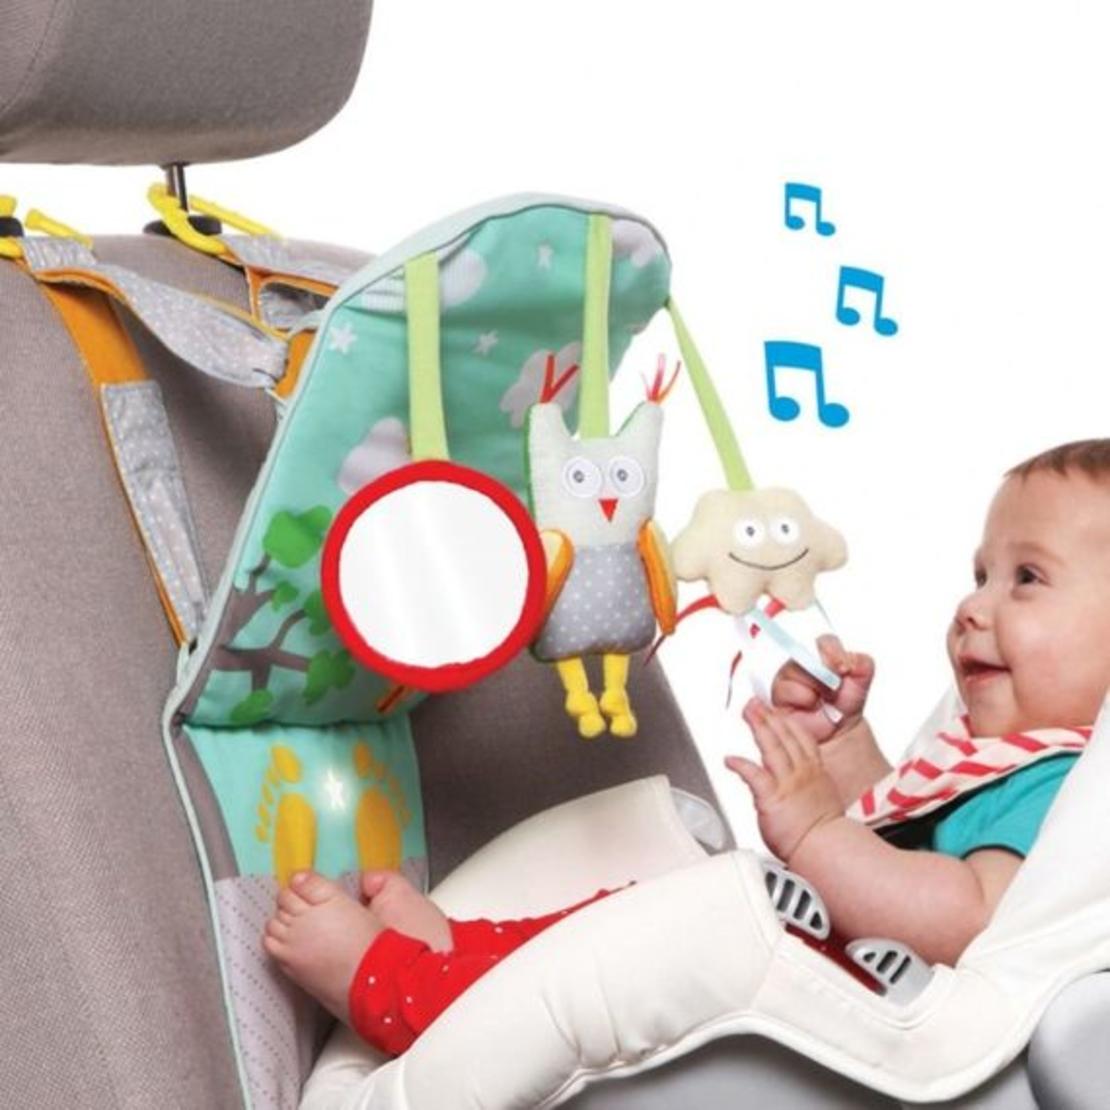 33# - נעים לי לבן : פעלולון לרכב מאיר ומנגן עם שמיכת עגלה רכה ובובת כלב תחש כותנה מרשרשת